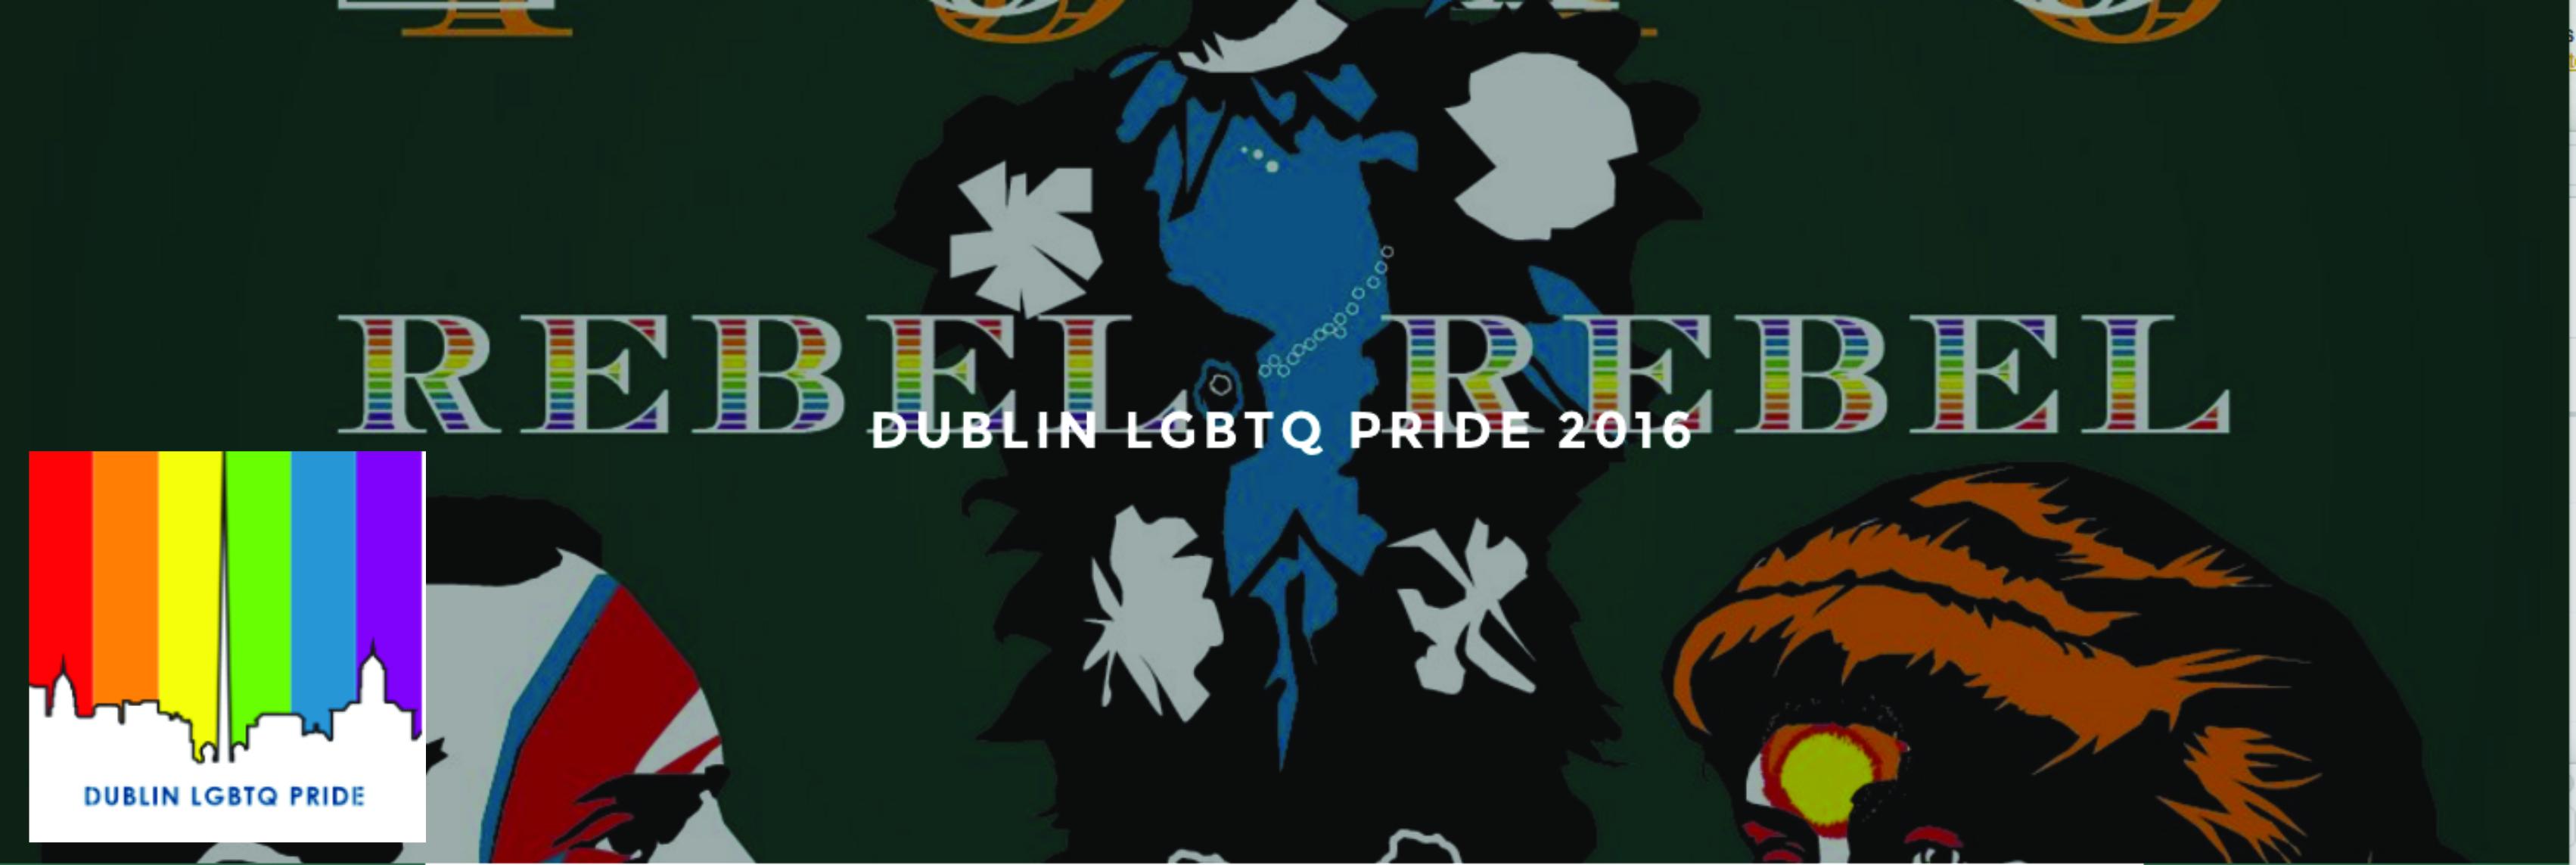 Dublin Pride 2016